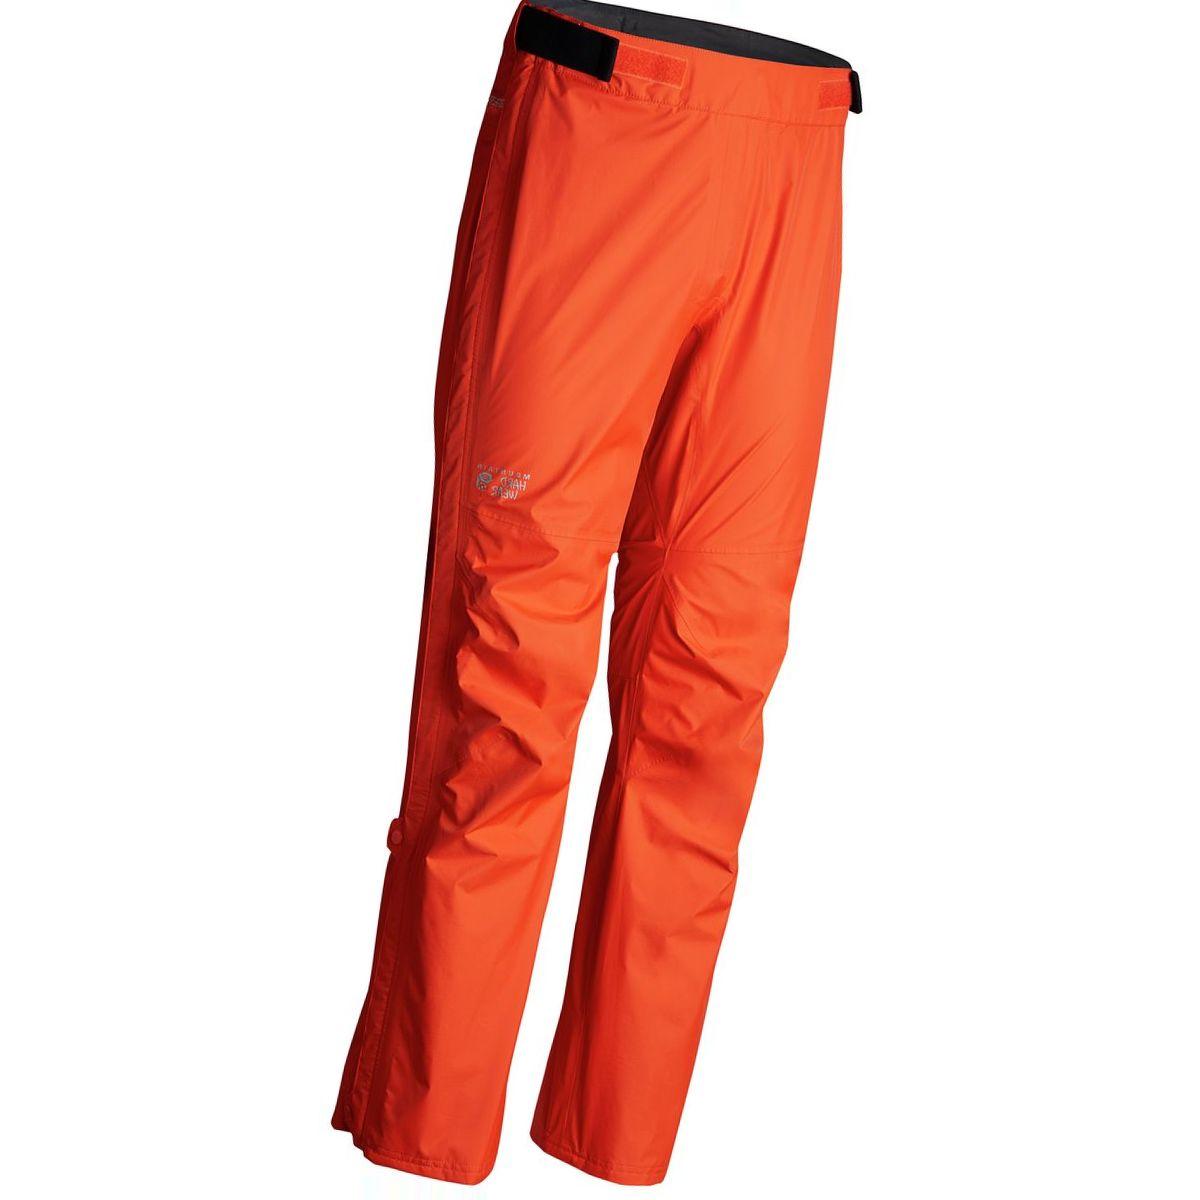 Mountain Hardwear Exposure/2 GTX Paclite Pant - Men's